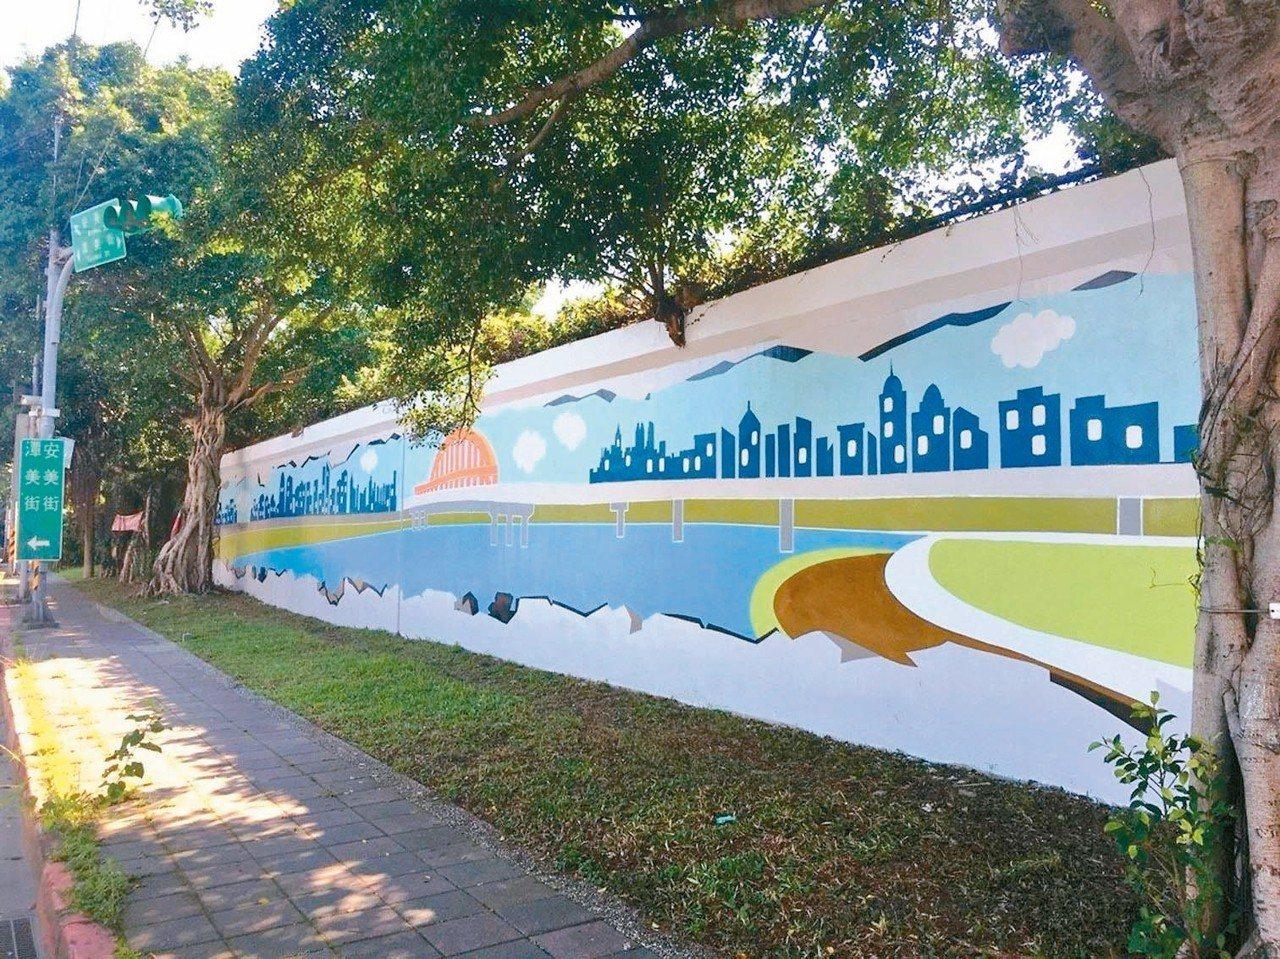 台北市水利處於潭美街、安美街施作堤壁彩繪,已於近期完工。 圖/台北市水利處提供